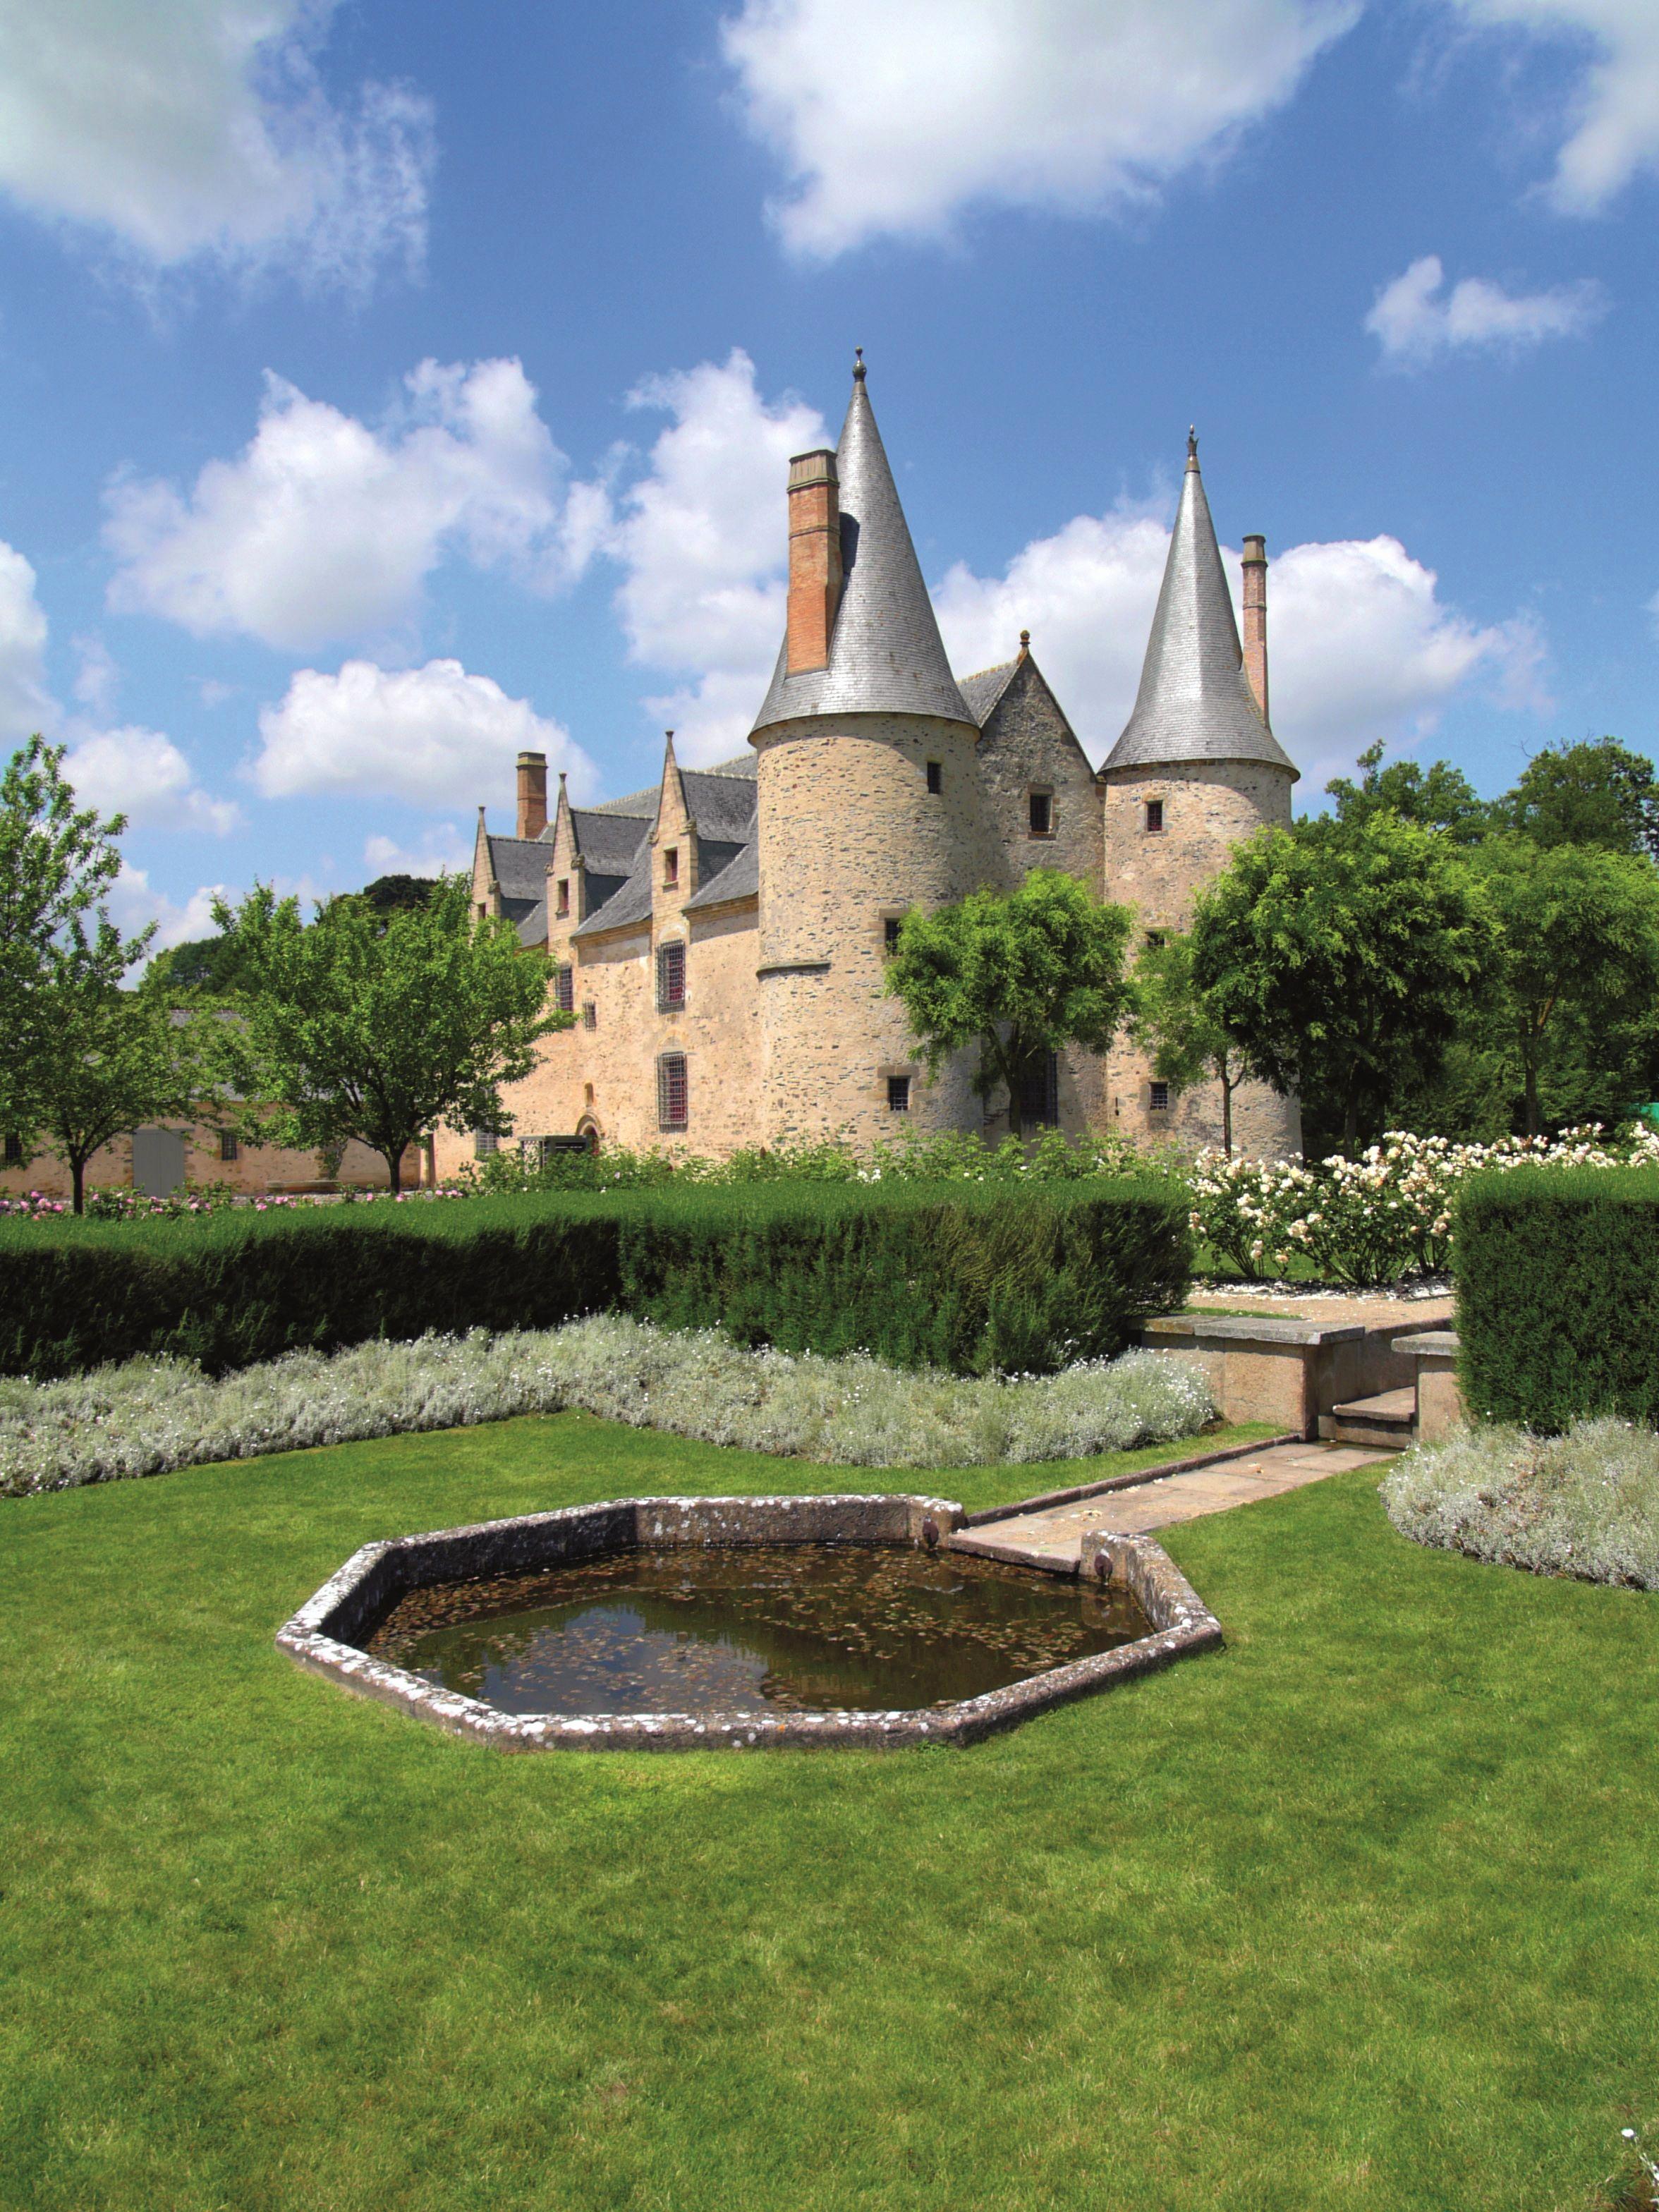 Bassin Jardin Moderne Unique Image Jardin Moderne Zen Luxe Les Jardins De sophie Xonrupt Conception